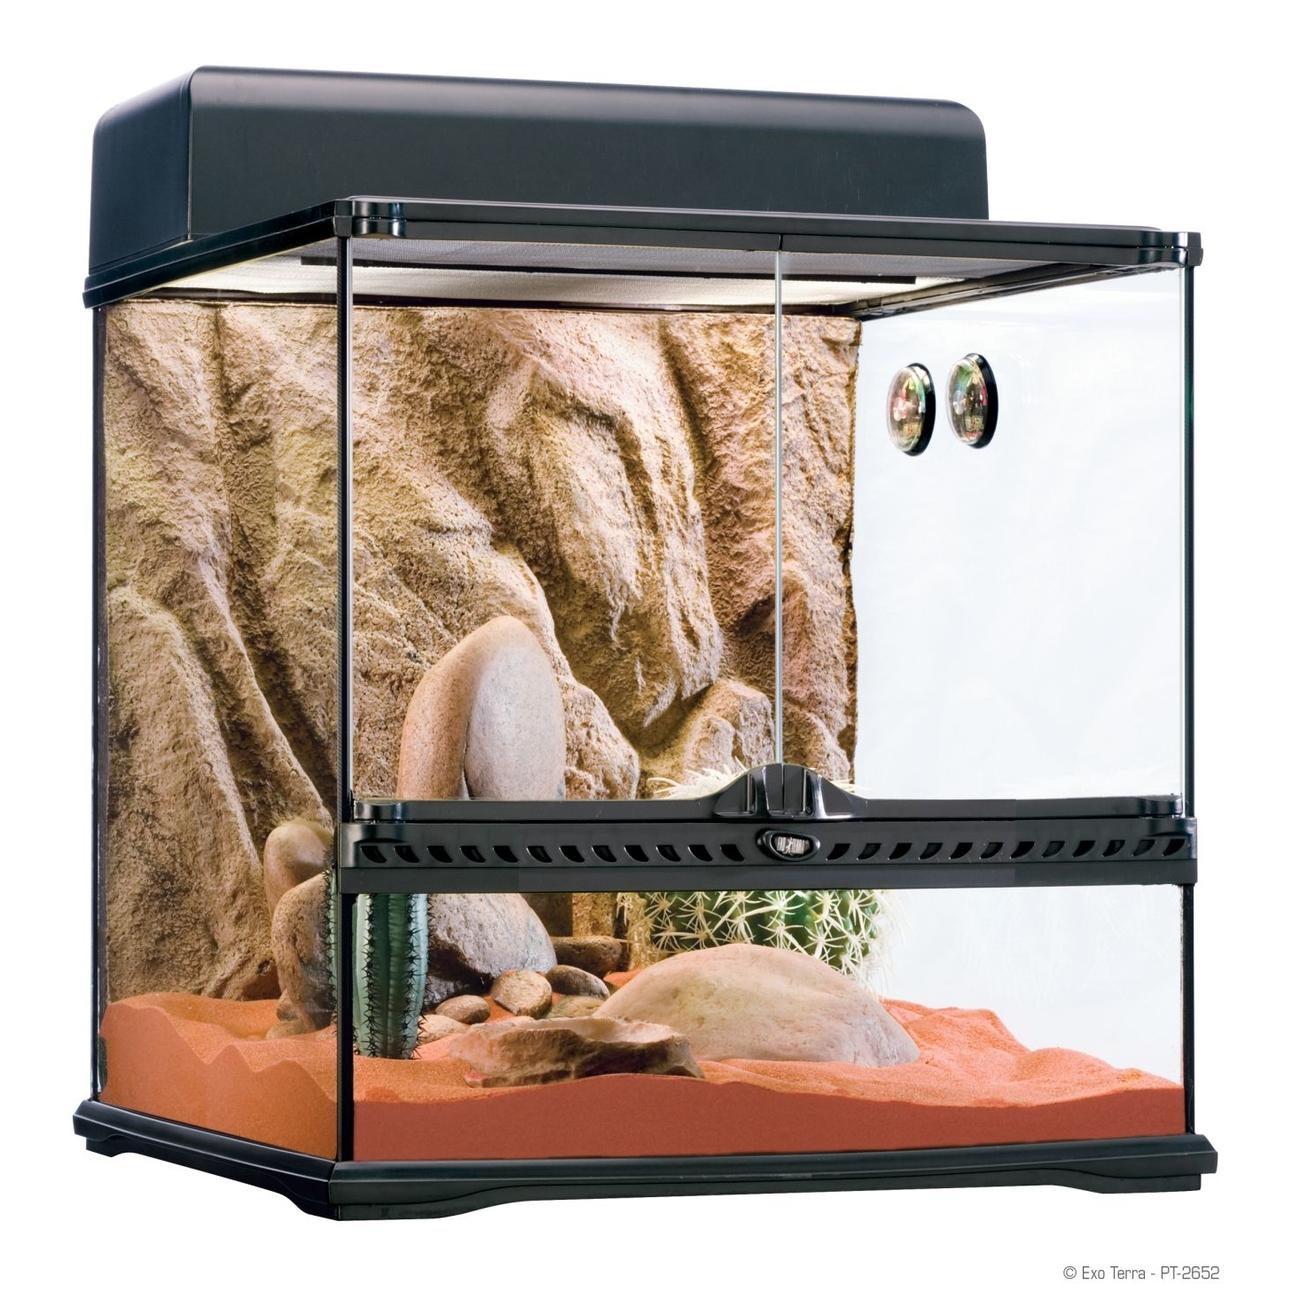 Hagen Exo Terra - Wüsten Habitat Kit, Kit - 45 x 45 x 45 cm